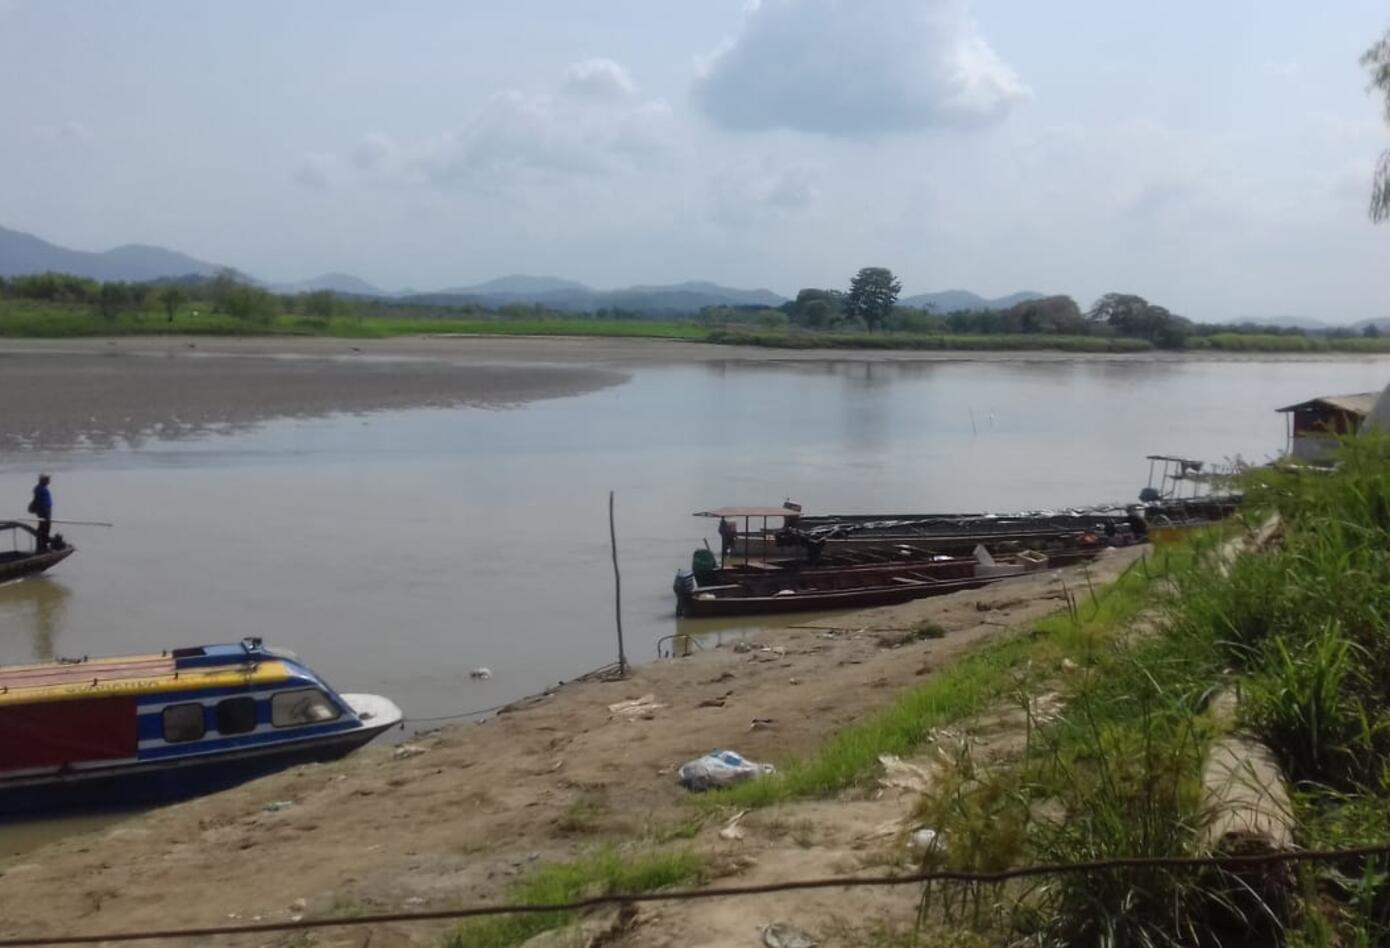 La baja de las aguas del río Cauca pone en riesgo la navegabilidad